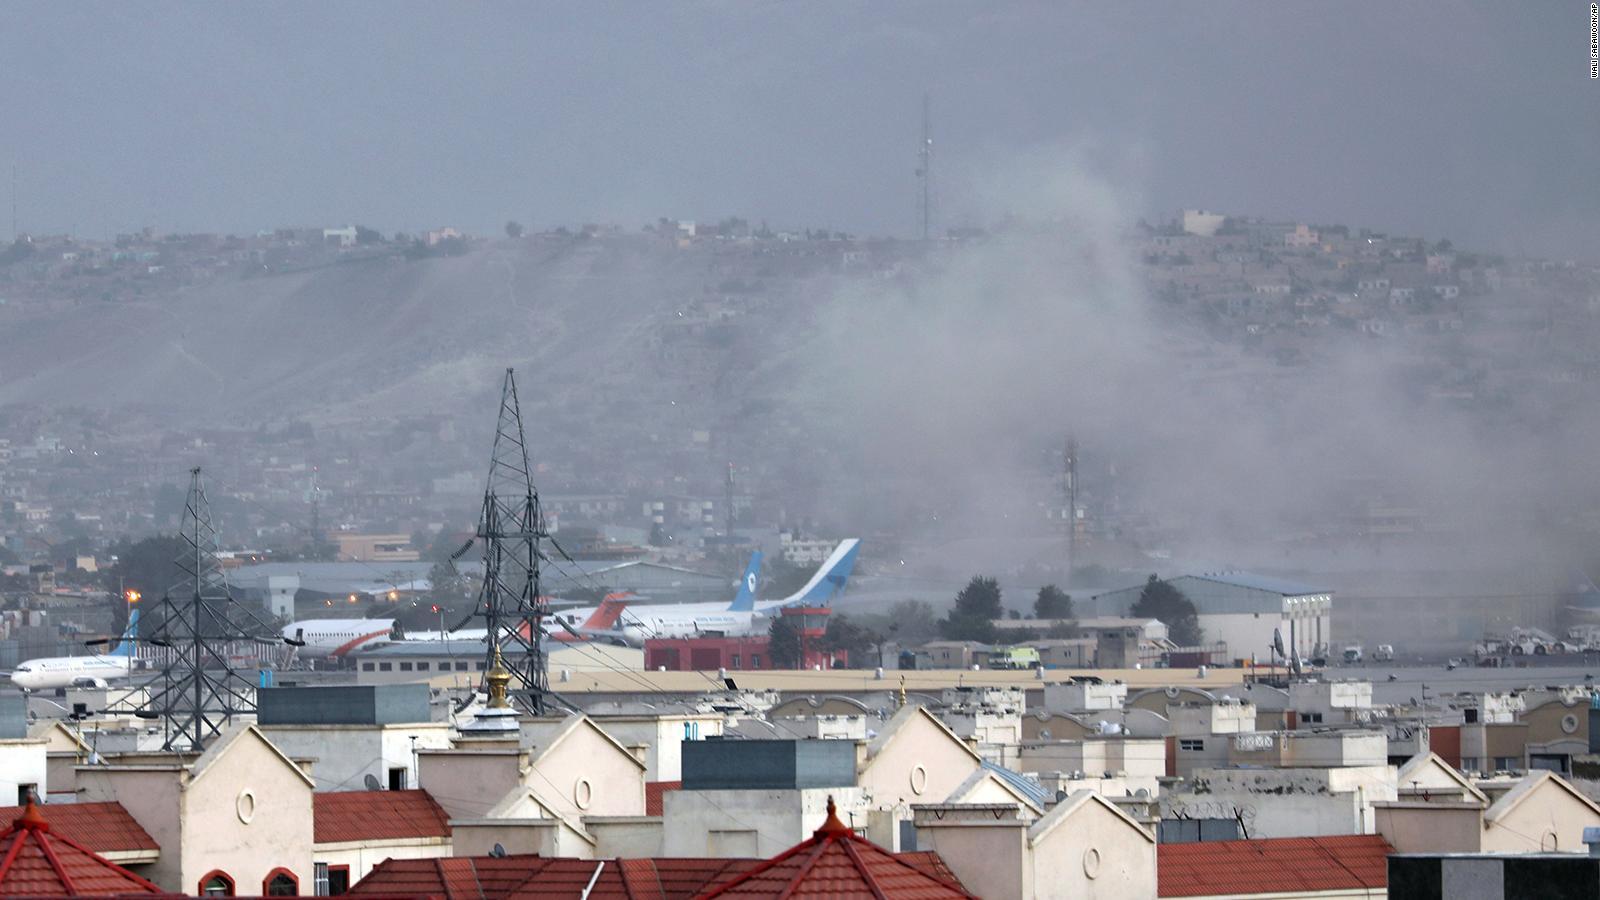 Se registró una nueva explosión cerca del aeropuerto de Kabul en donde según un médico del hospital Khairkhana hay al menos 5 muertos.